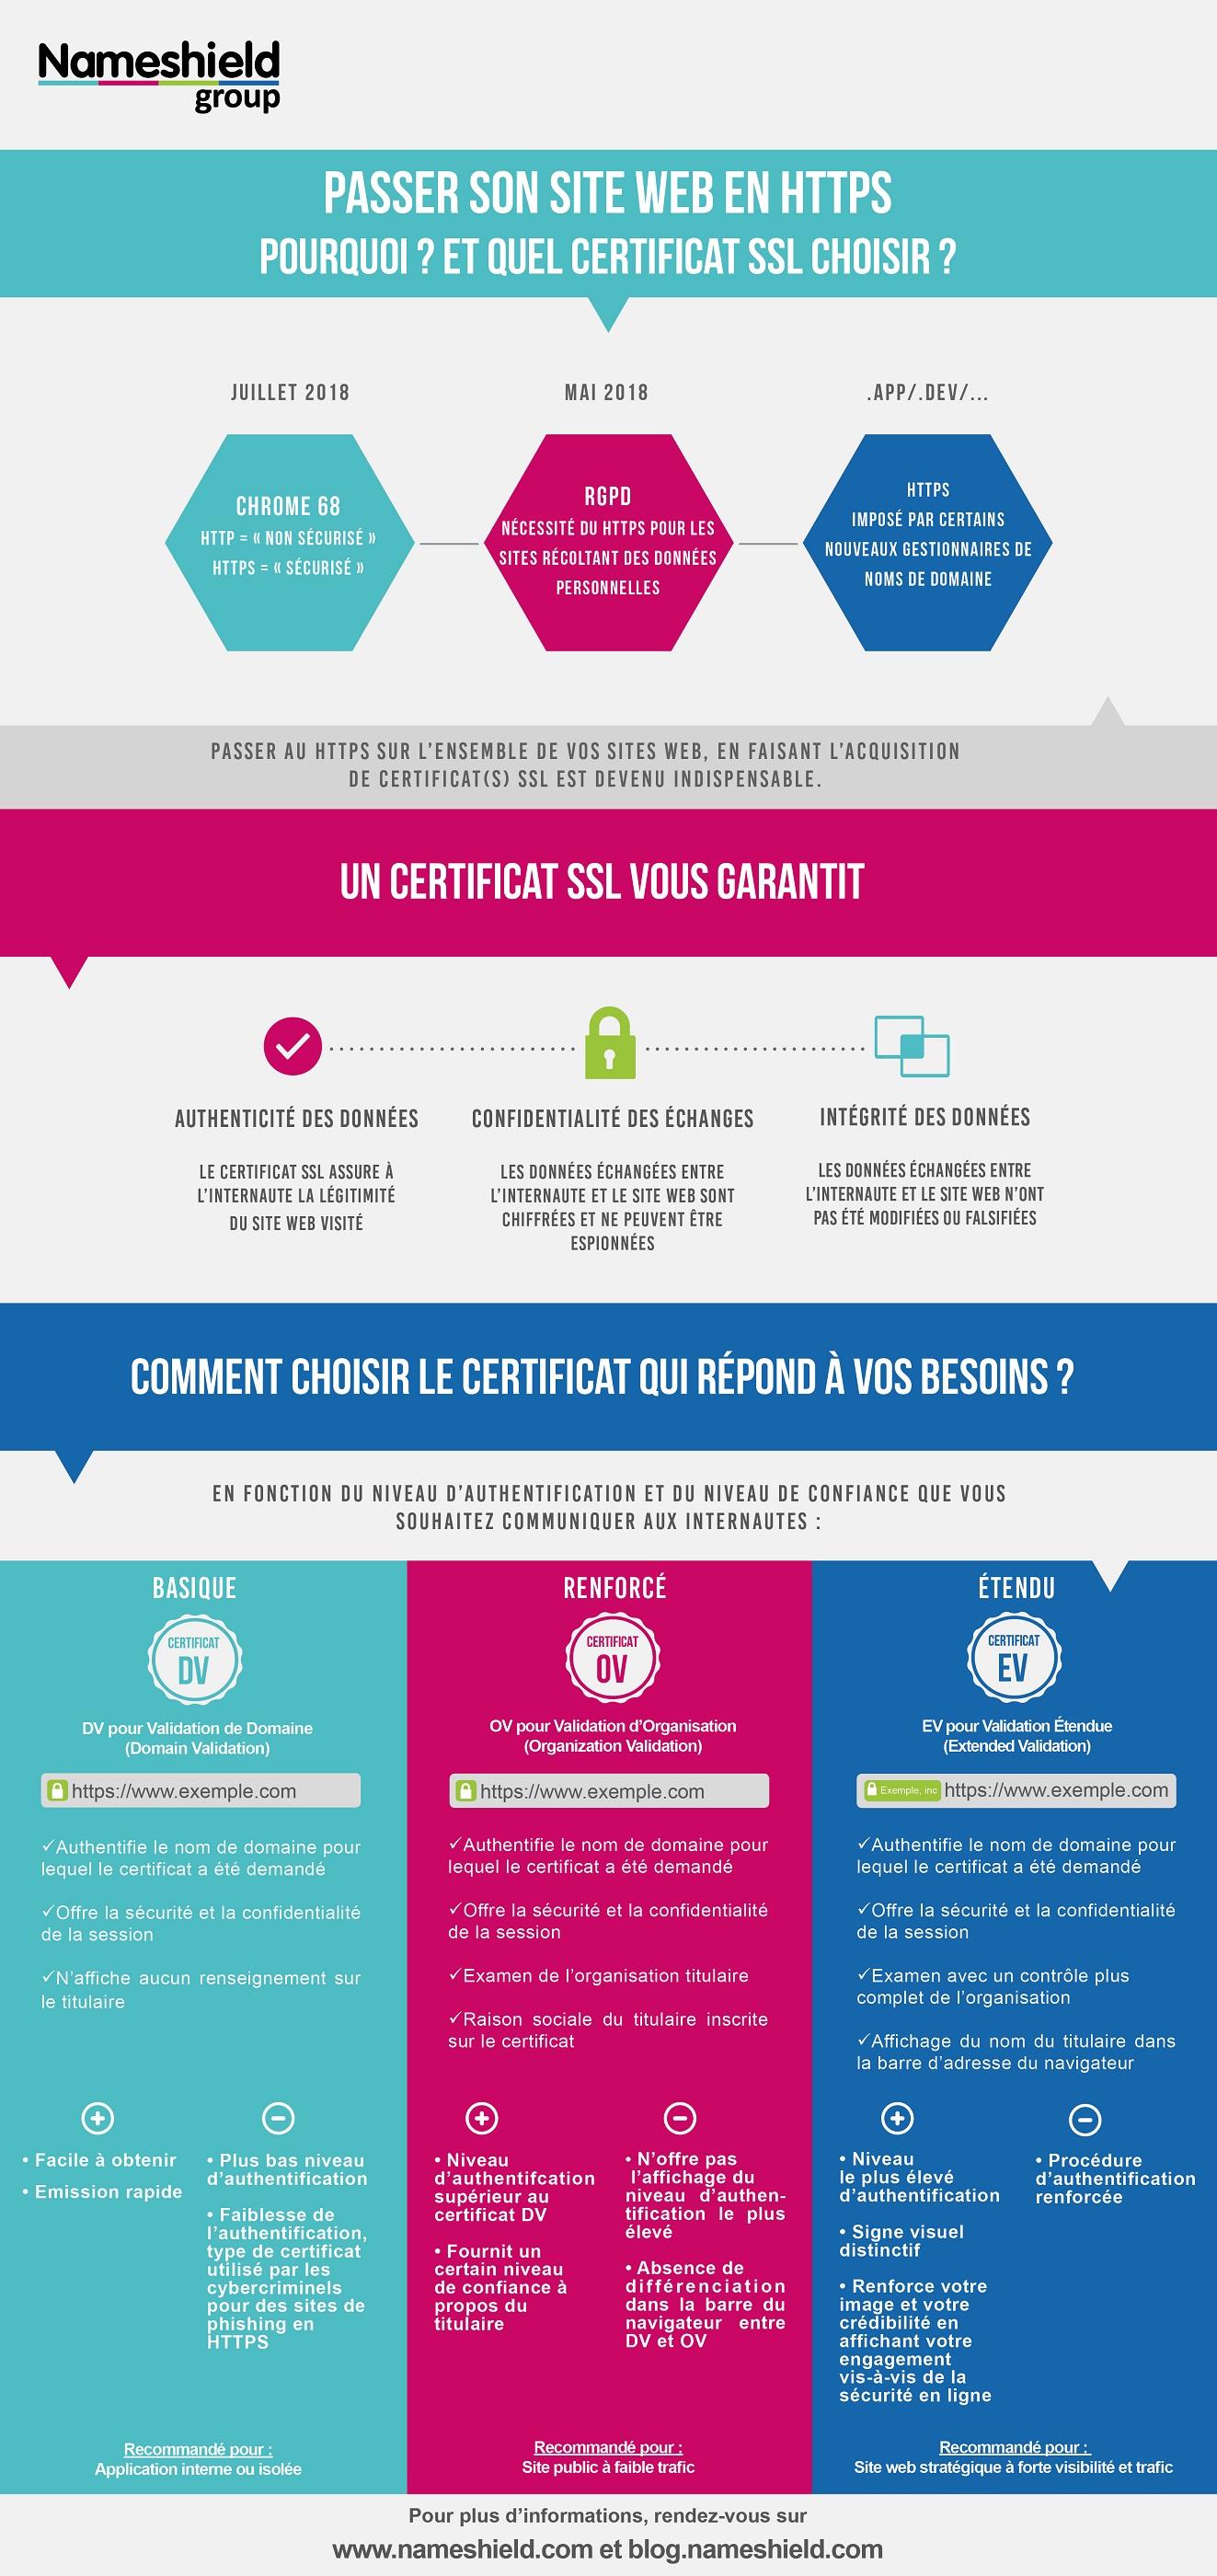 Passer son site web en HTTPS : Pourquoi ? Et quel certificat SSL choisir ?